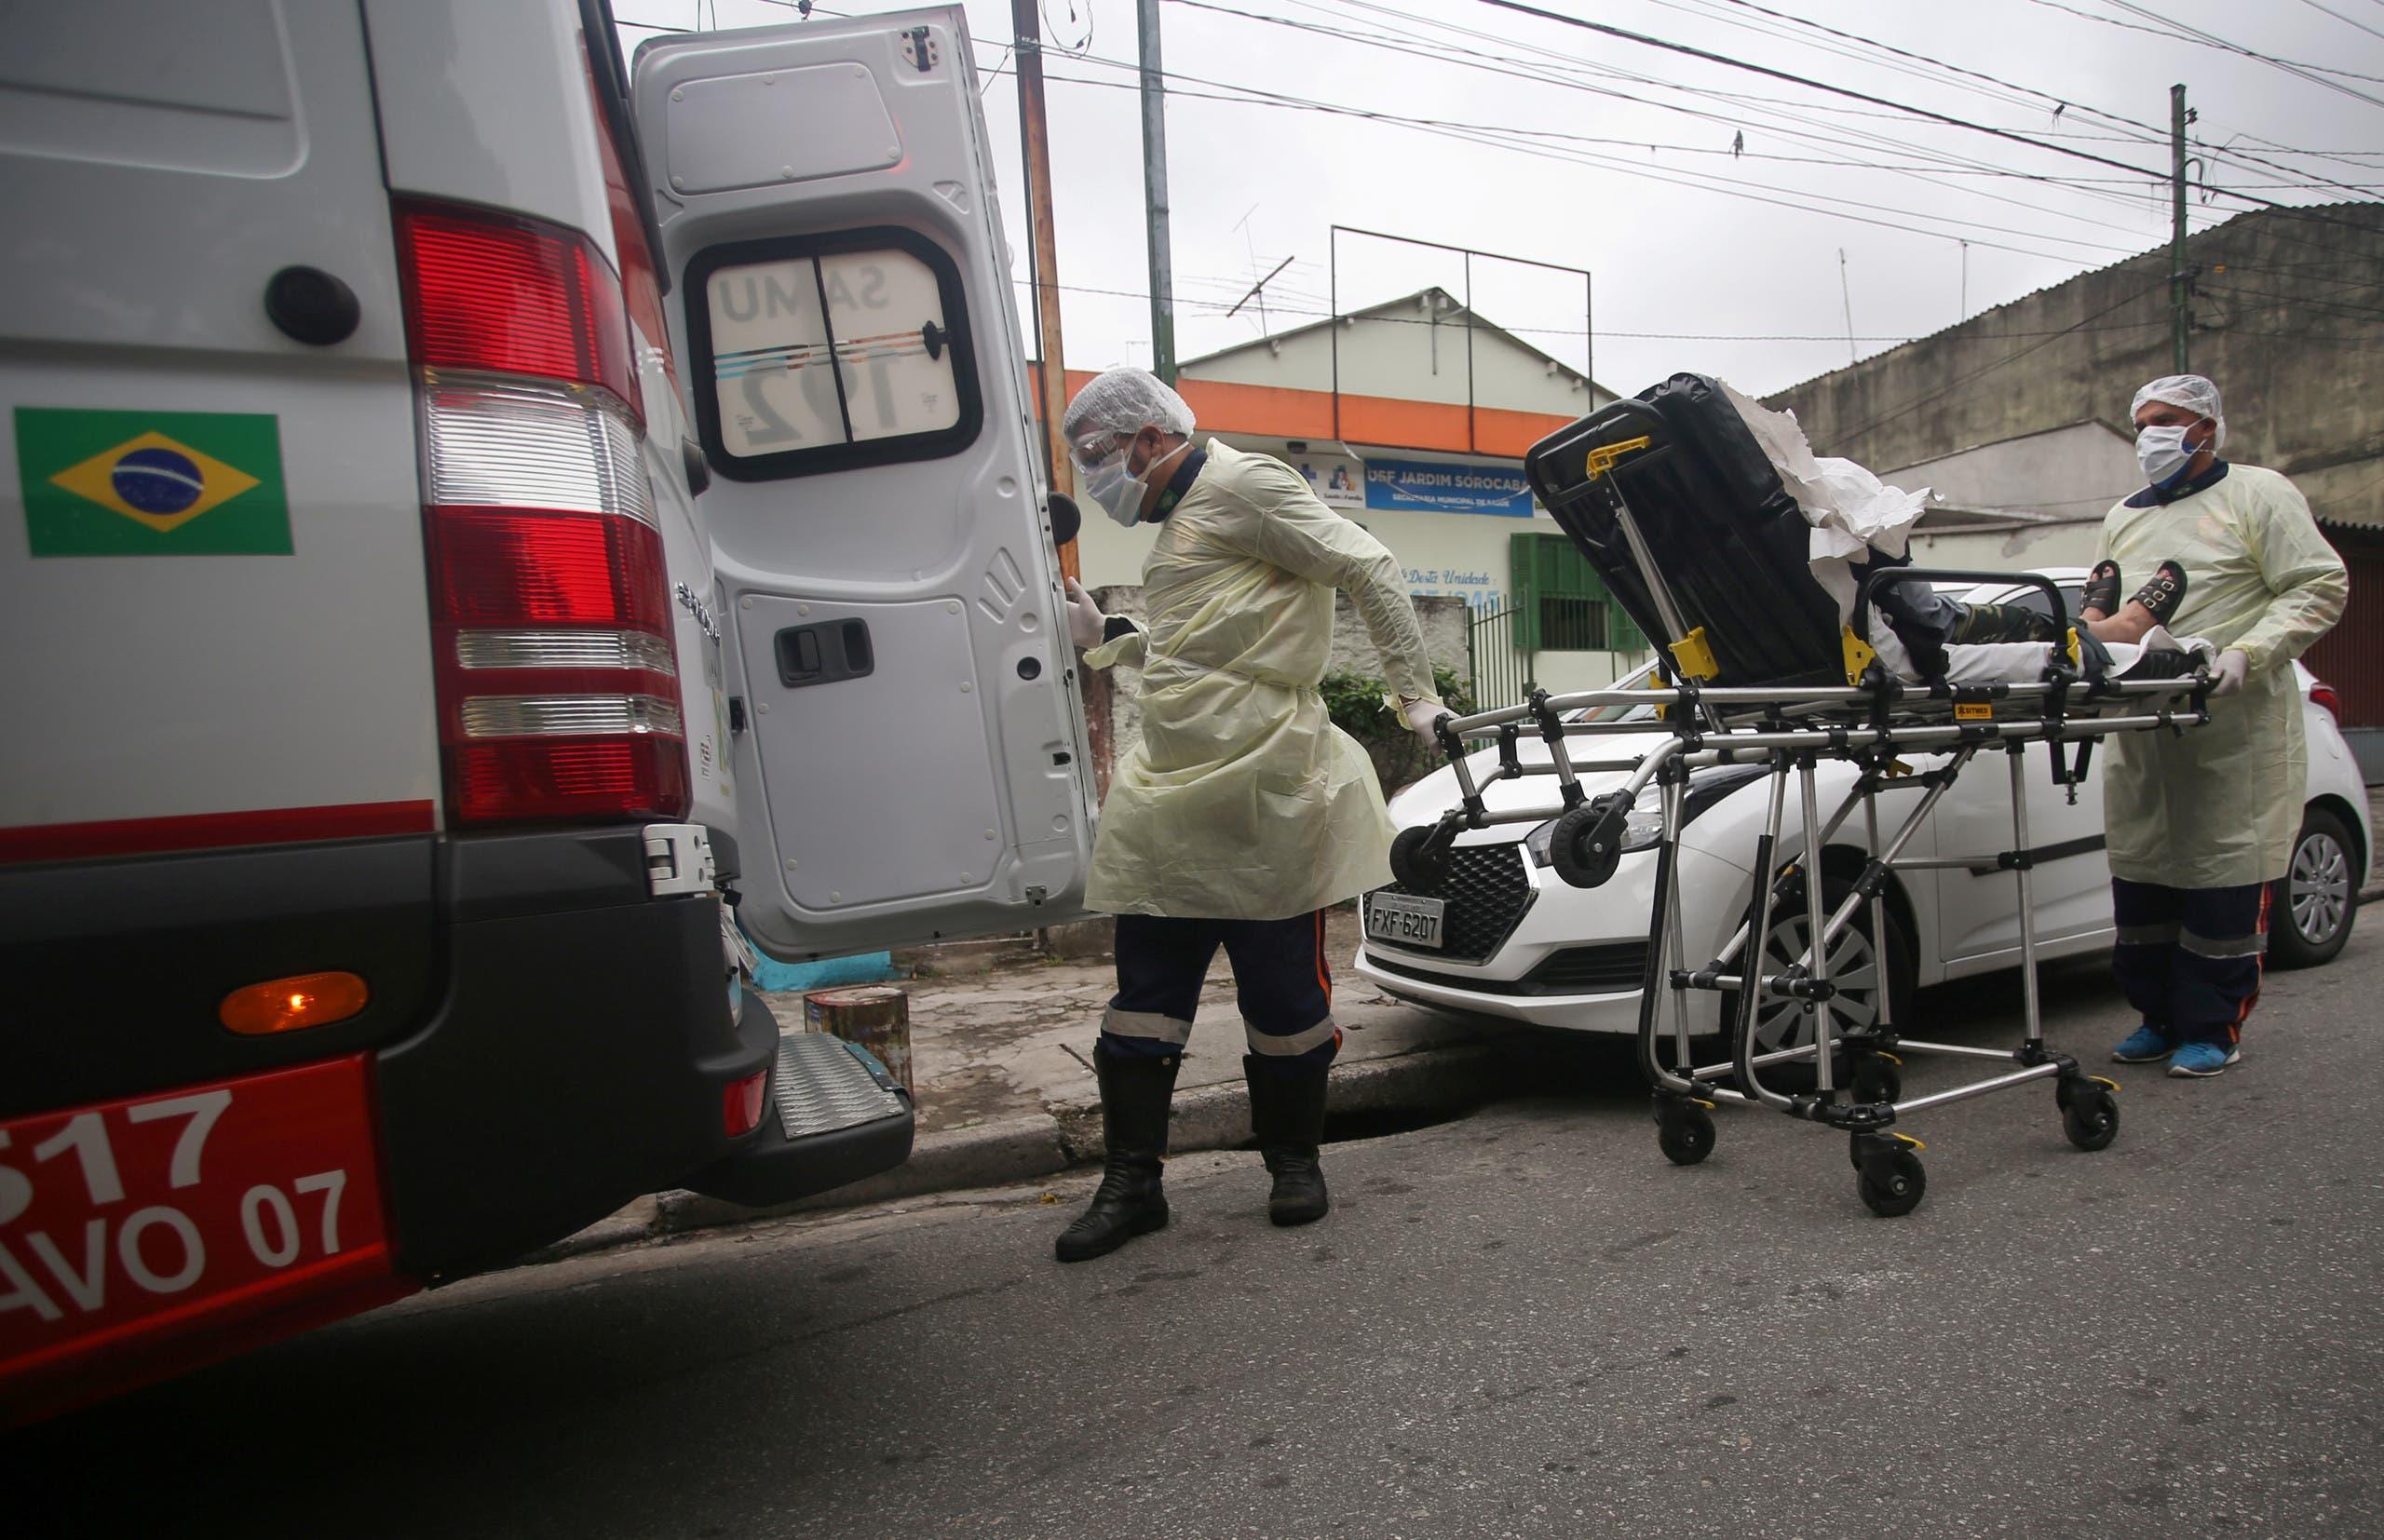 نقل مصاب بكورونا للمستشفى في ساو باولو بالبرازيل